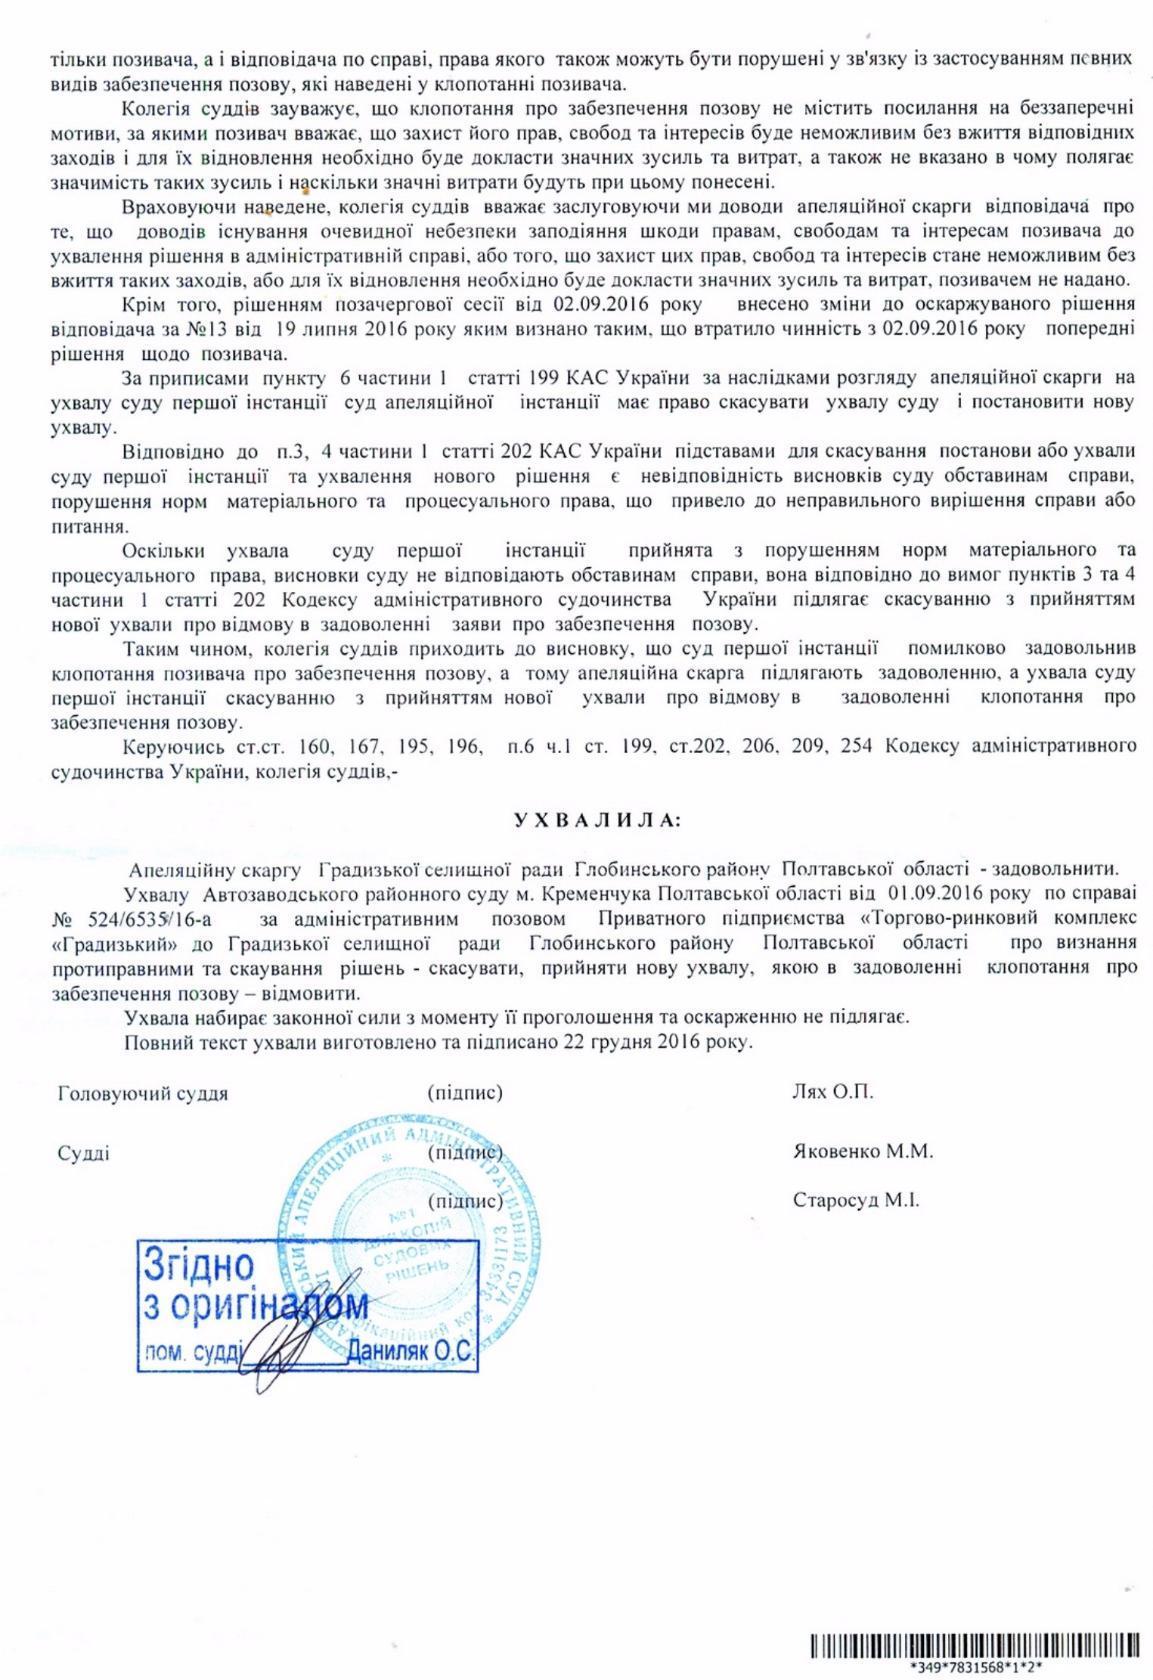 https://gradizka-rada.gov.ua/wp-content/uploads/2016/12/image-1.jpg